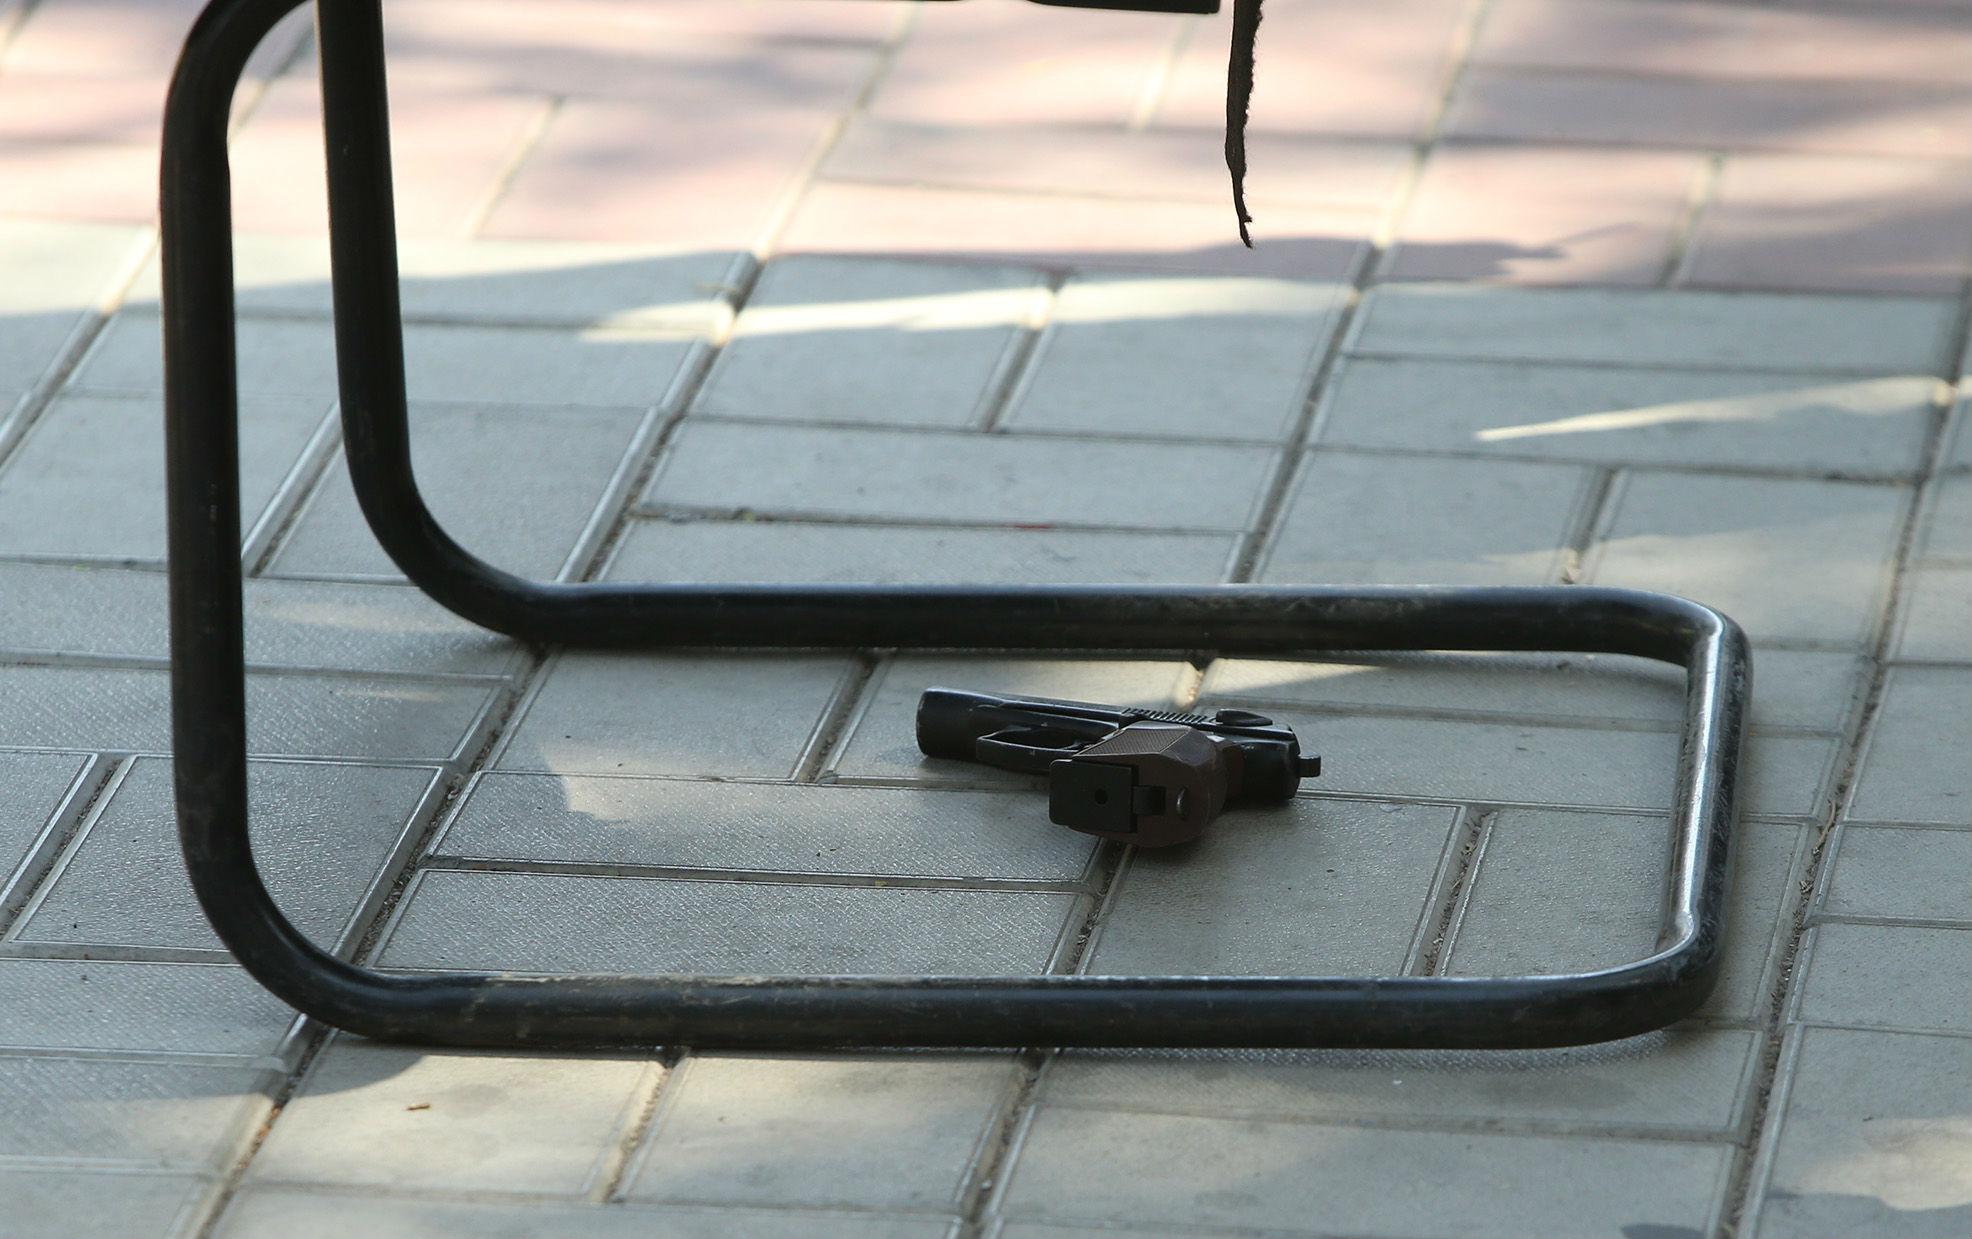 Հայաստանում Լեհաստանի դեսպանատունը Վերնիսաժի տարածքում հնչած կրակոցների մասին տեղեկացրել է իր երկրի ԱԳՆ-ին. «Ժողովուրդ»